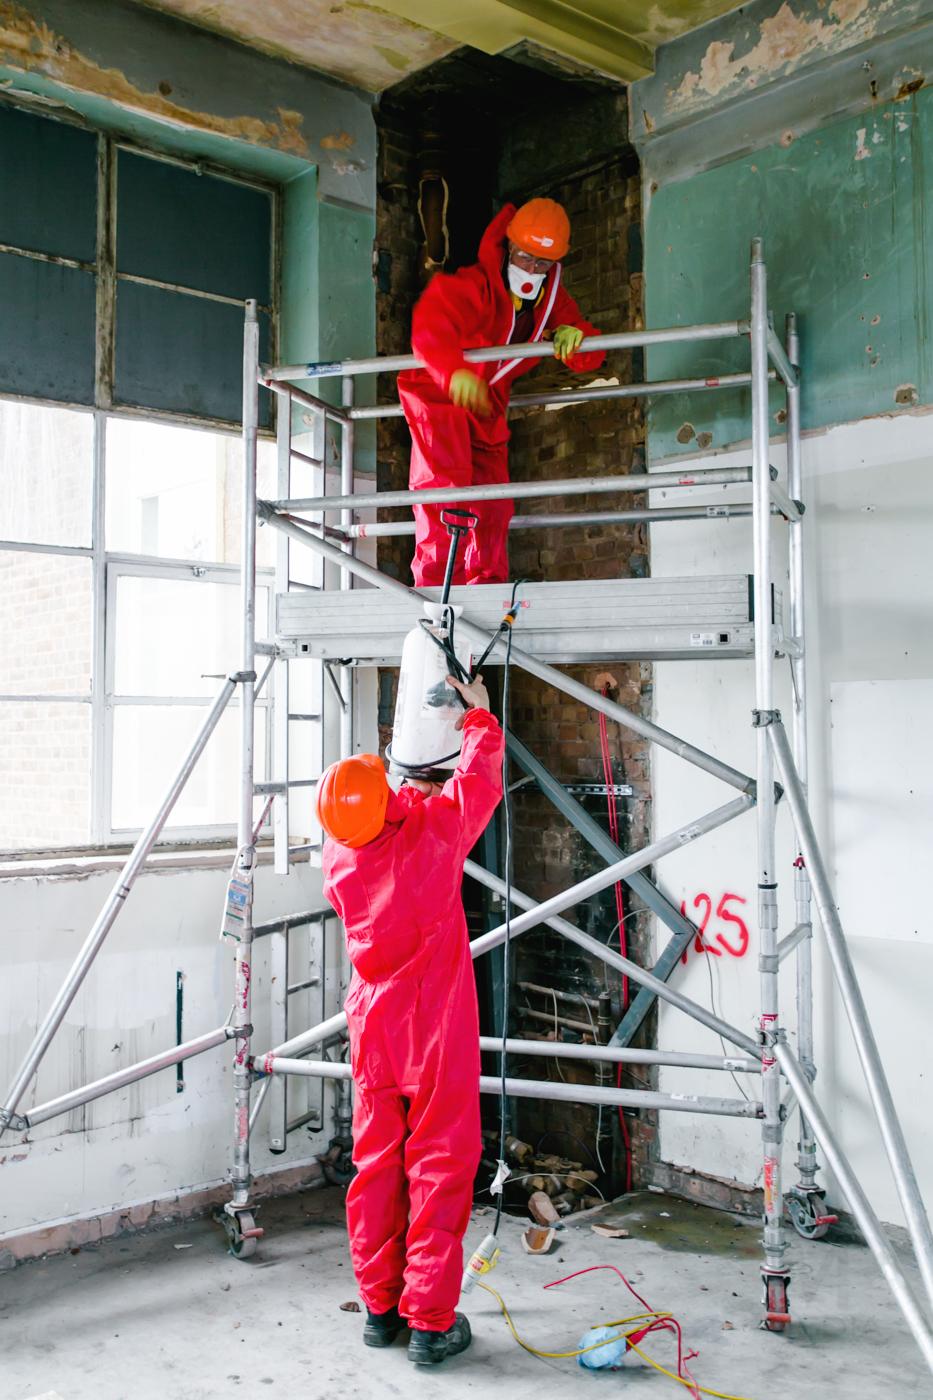 012 - ProDEM Demolition & Asbestos Limited www.prodemolition.co.uk - Business Services by Pamela and Mark Pugh Team MP - www.mpmedia.co.uk -0113.JPG